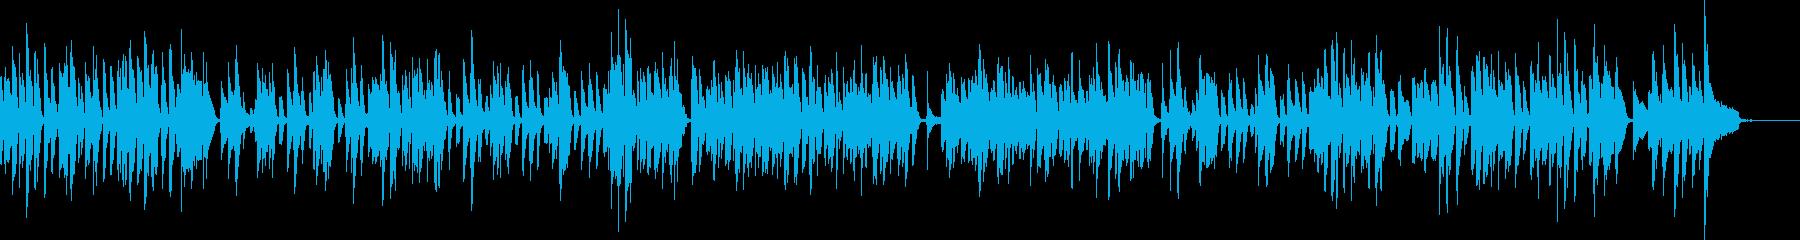 明るいラグタイム・ホンキートンクピアノの再生済みの波形